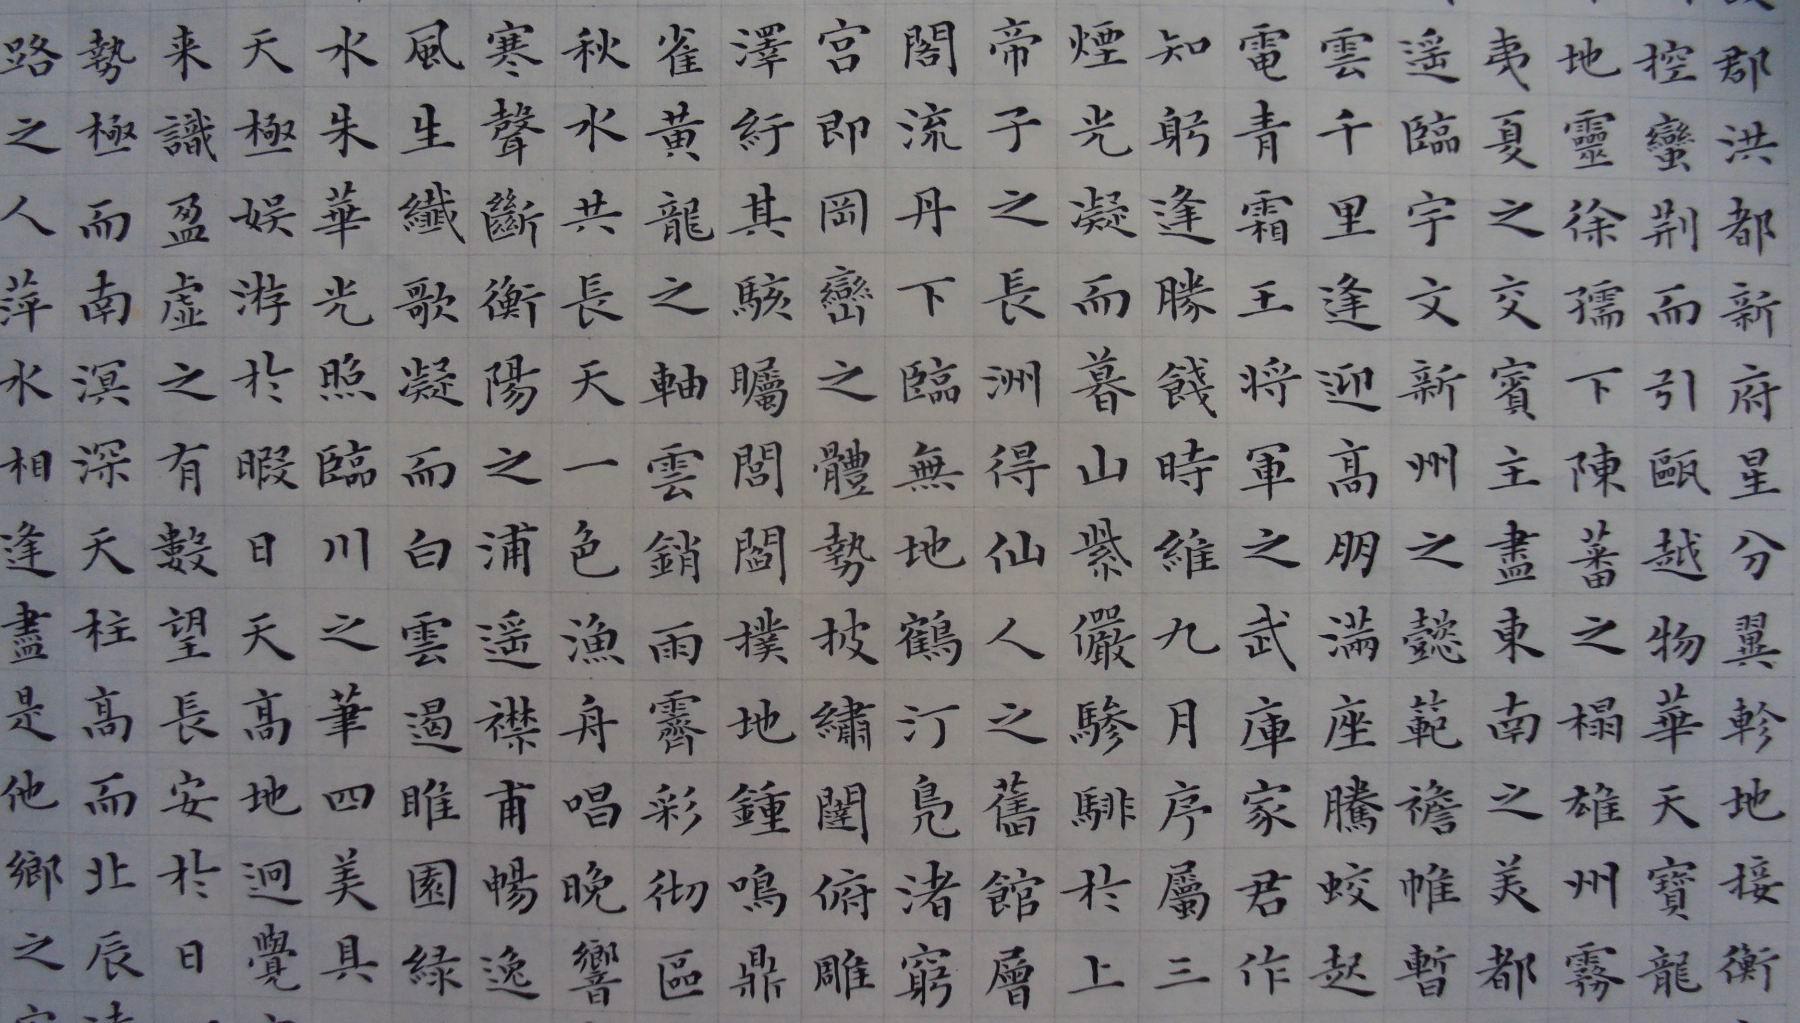 2009年12月21日 - 许方俊书法 - xufangjun666的博客